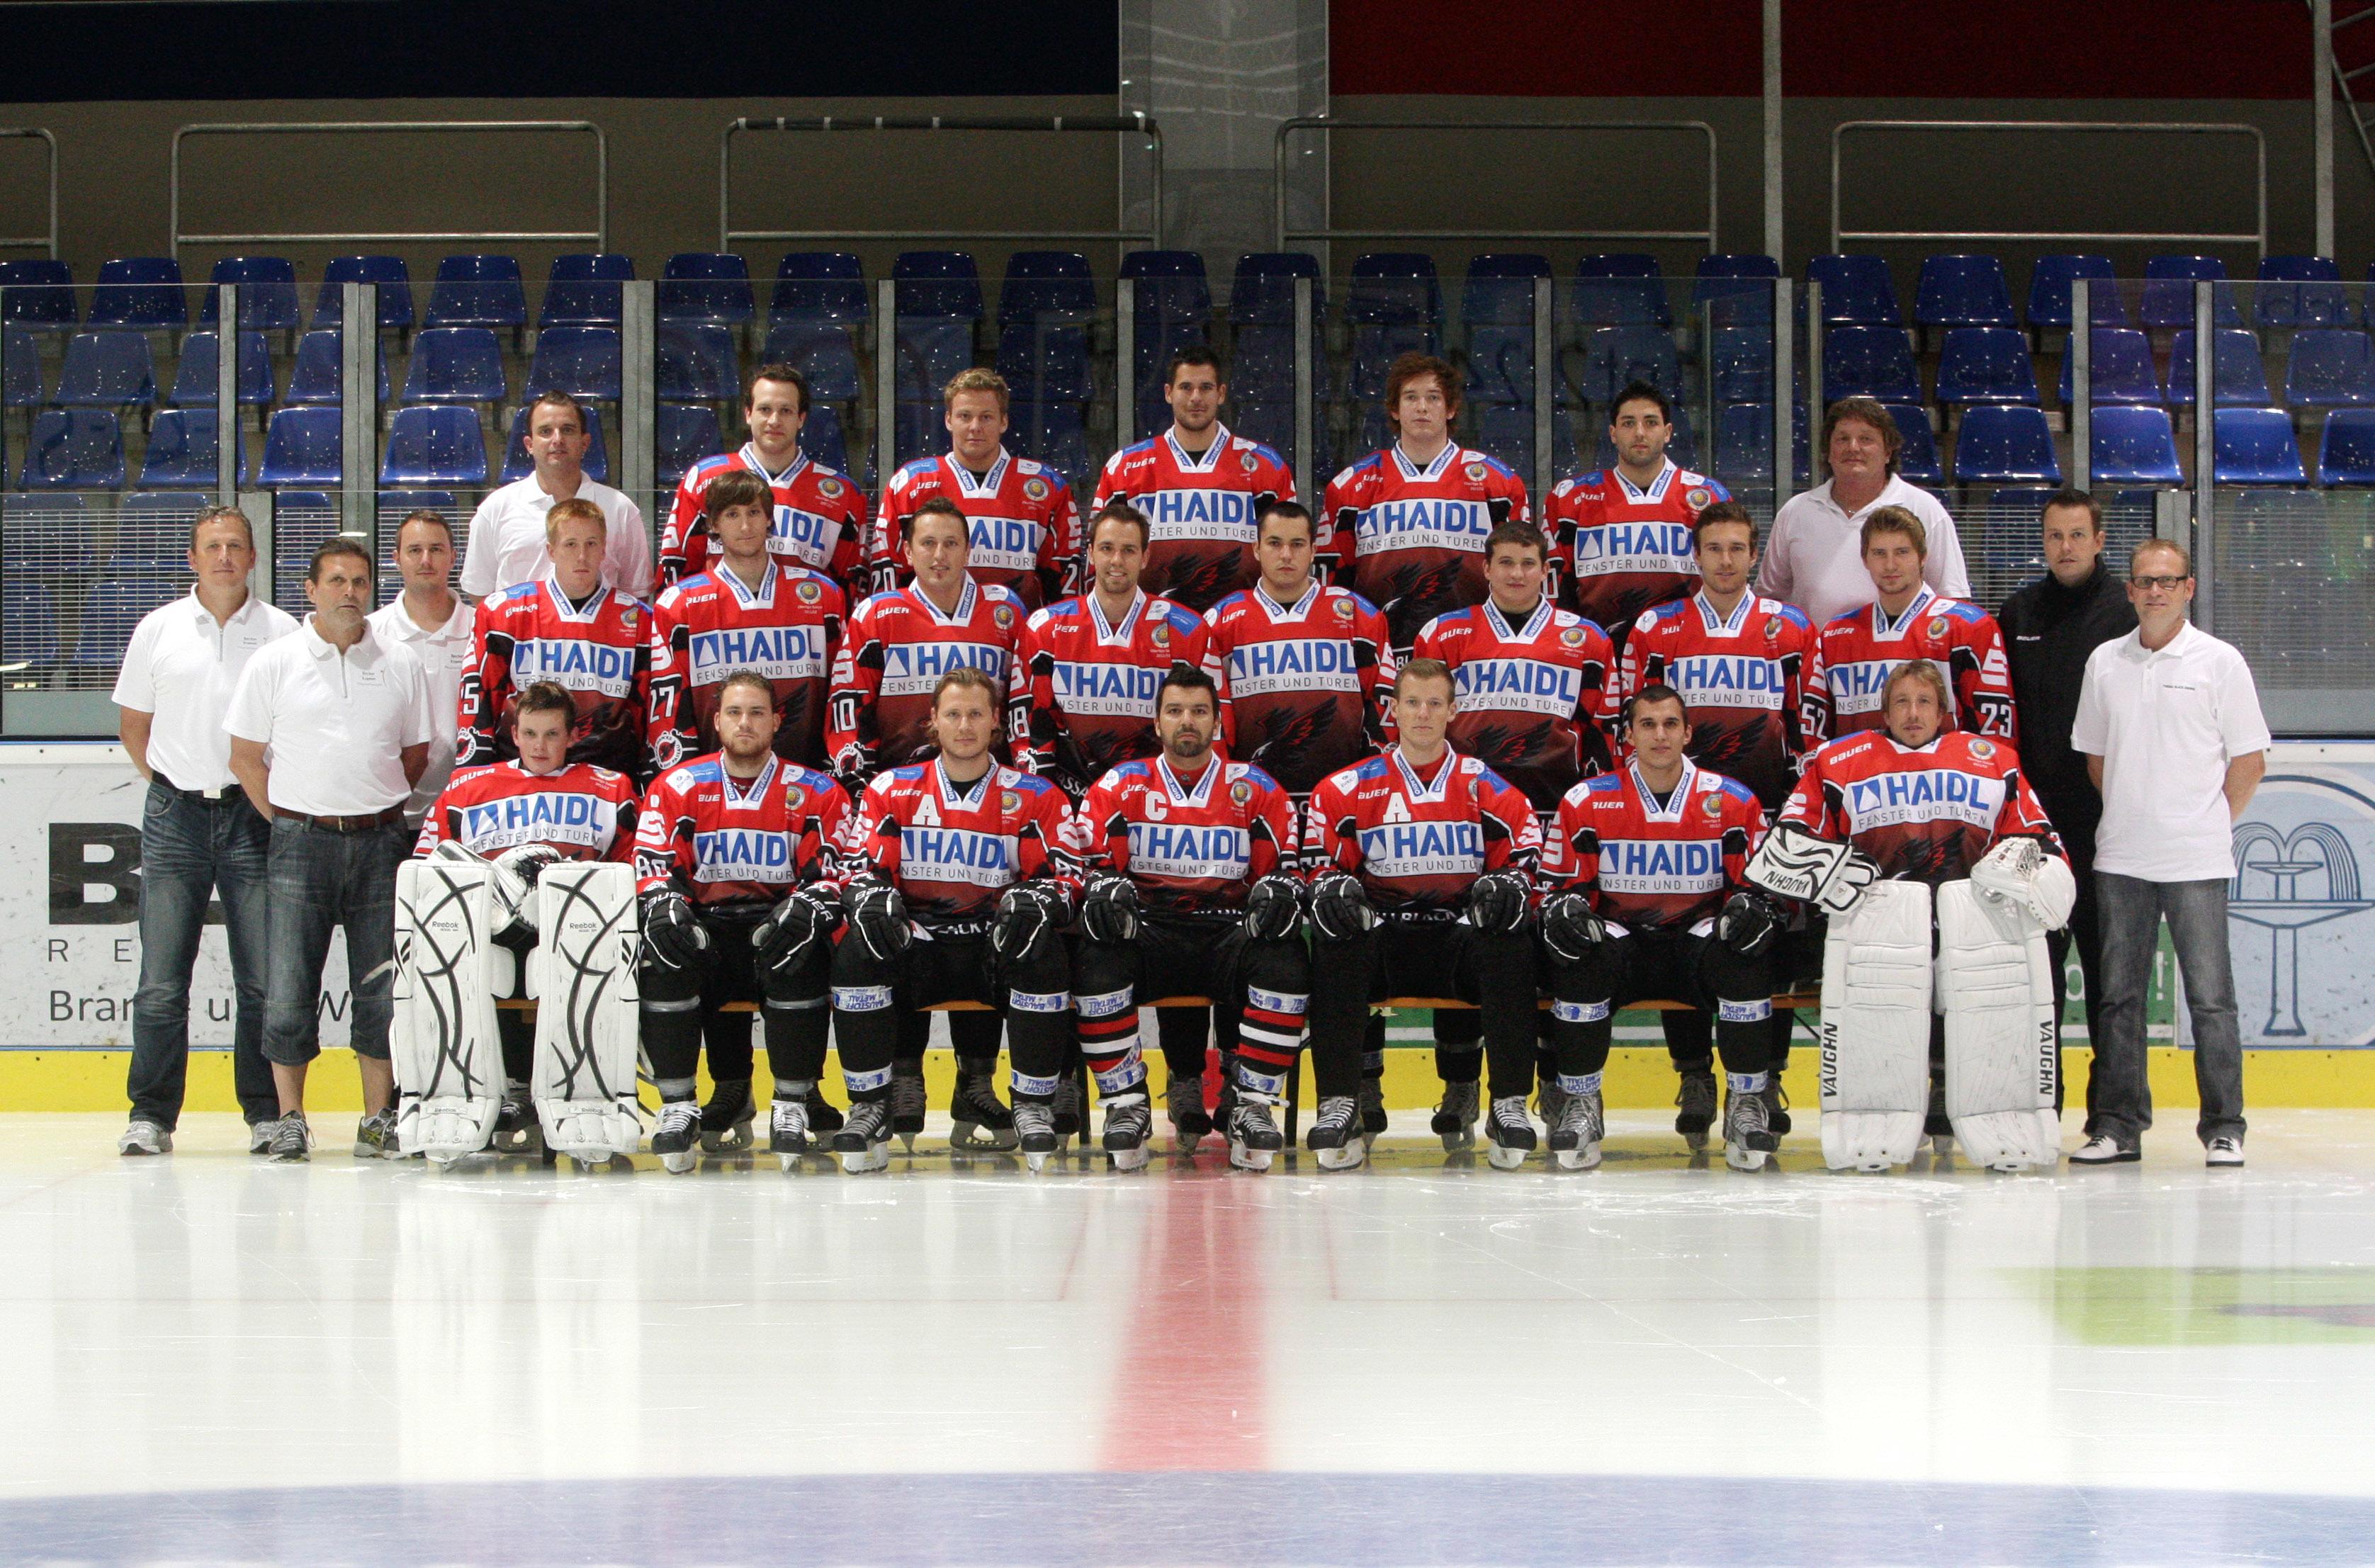 Kader 2011/12   1. Eishockey Fanclub Passau e. V.